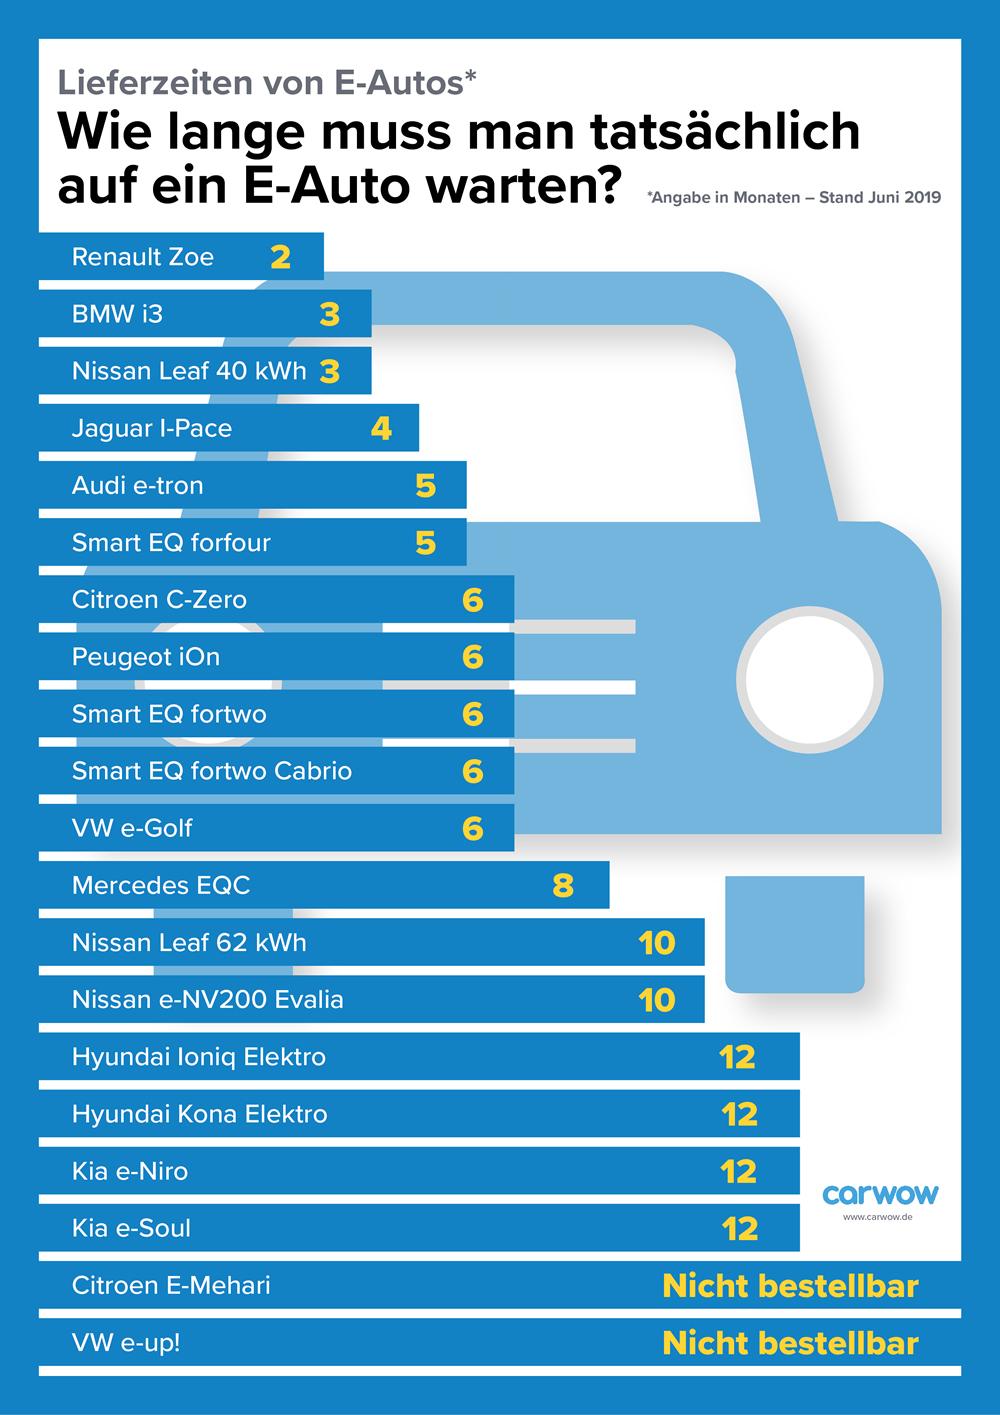 Lieferzeiten E-Autos